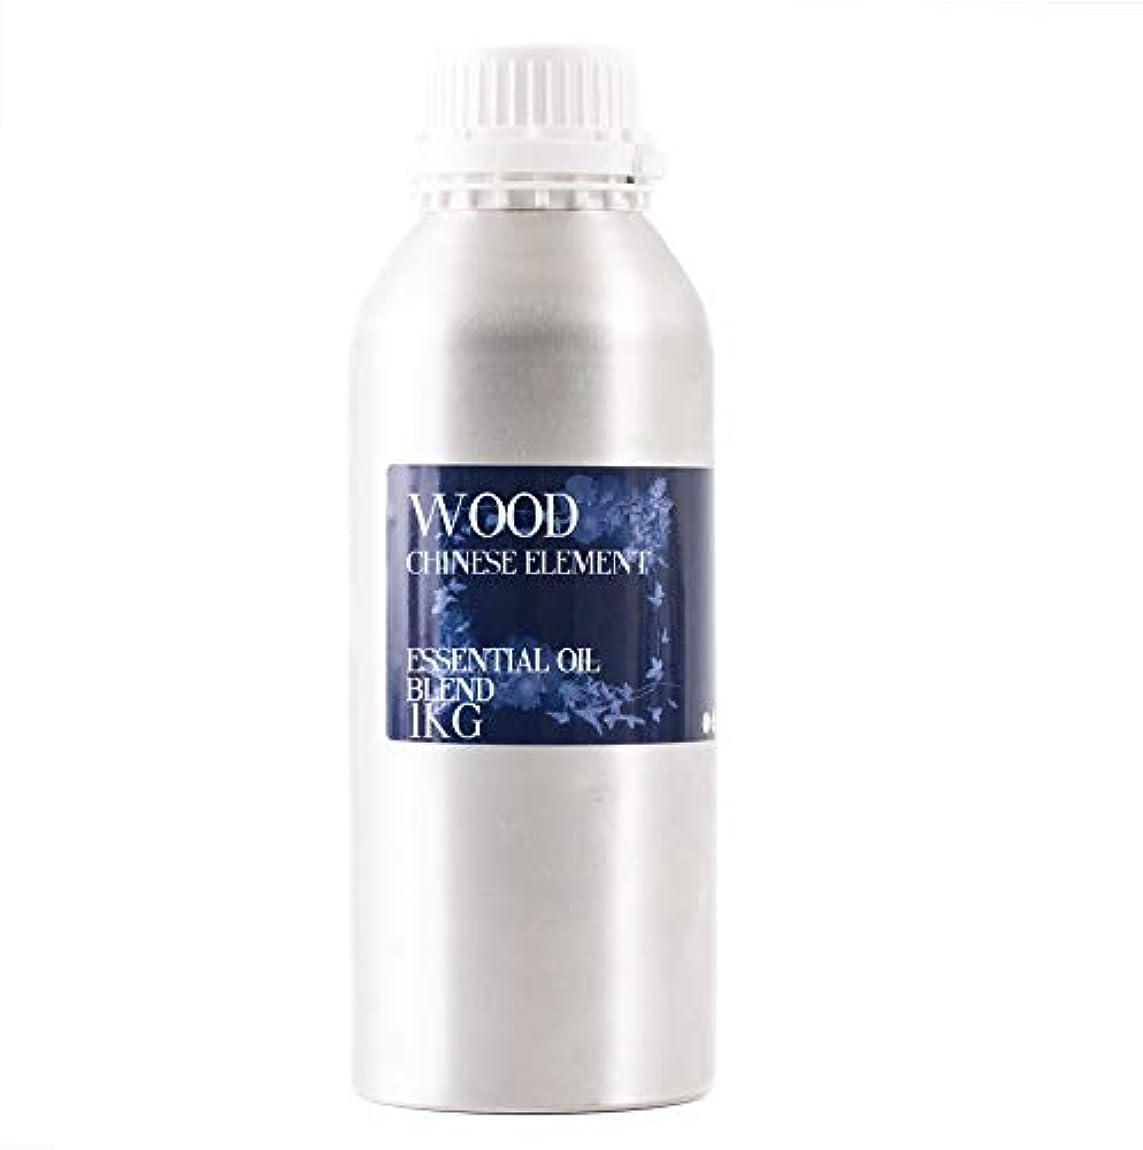 ベジタリアン平方自我Mystix London | Chinese Wood Element Essential Oil Blend - 1Kg